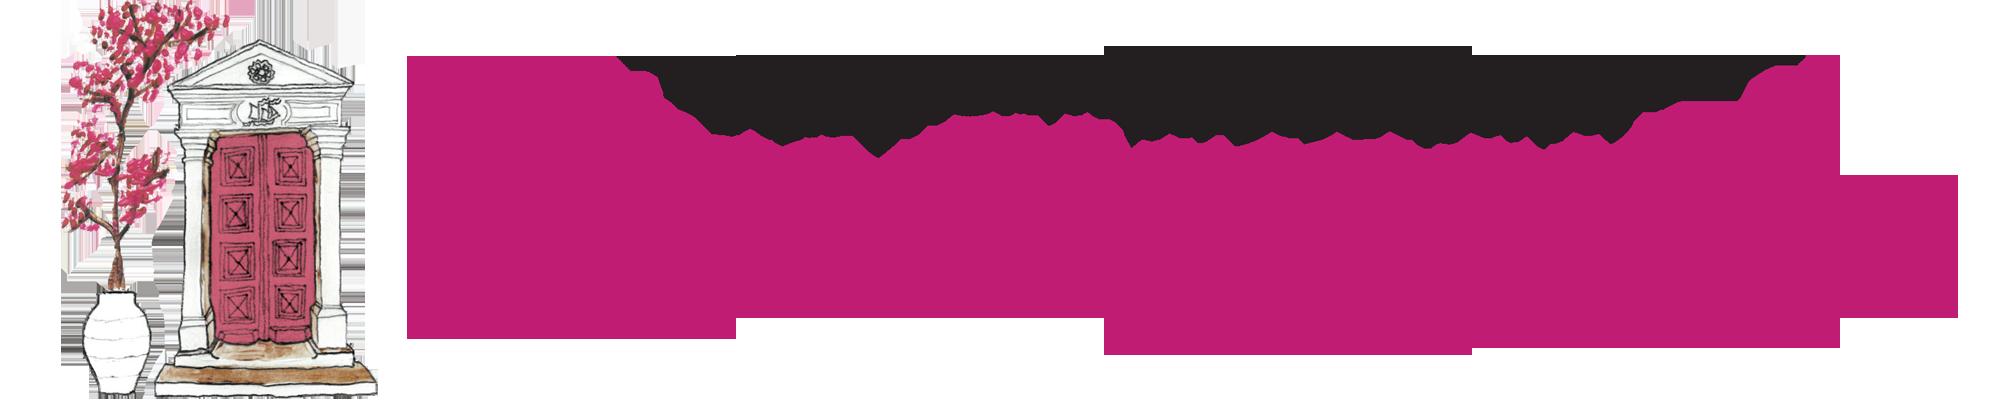 Της Μαργαρίτας